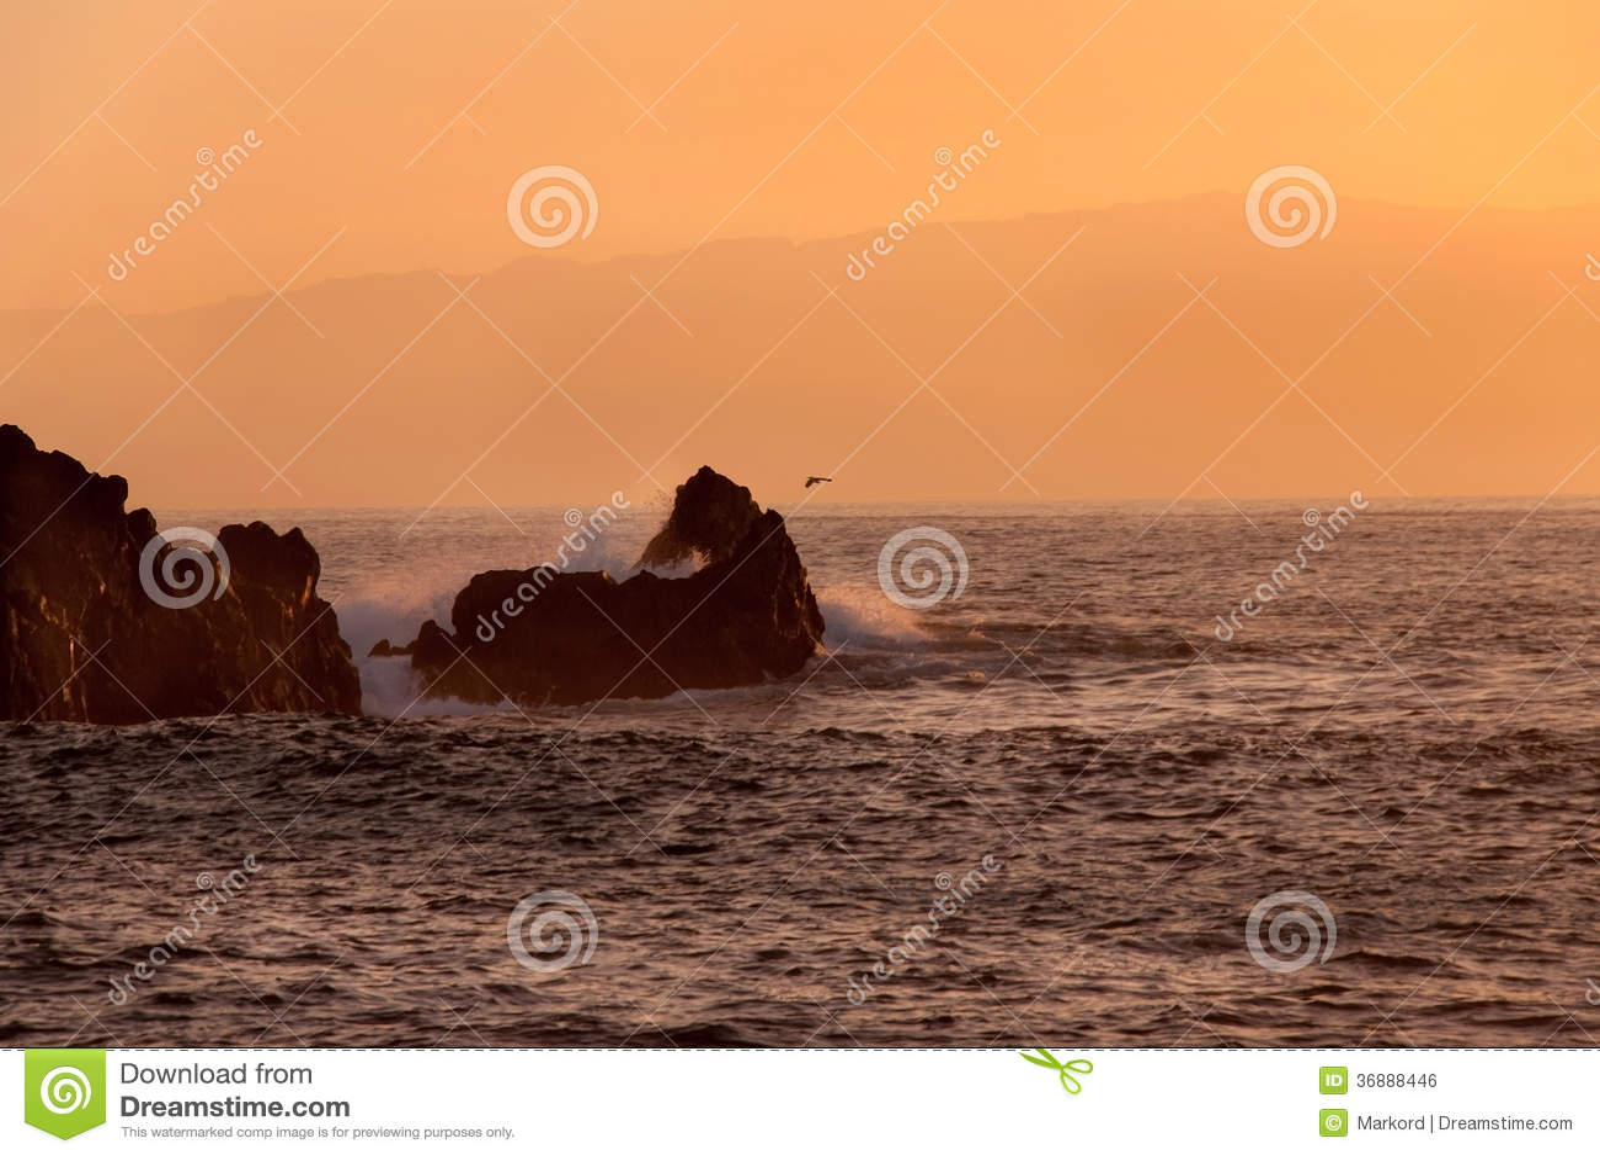 Download Rocce al tramonto fotografia stock. Immagine di seascape - 36888446